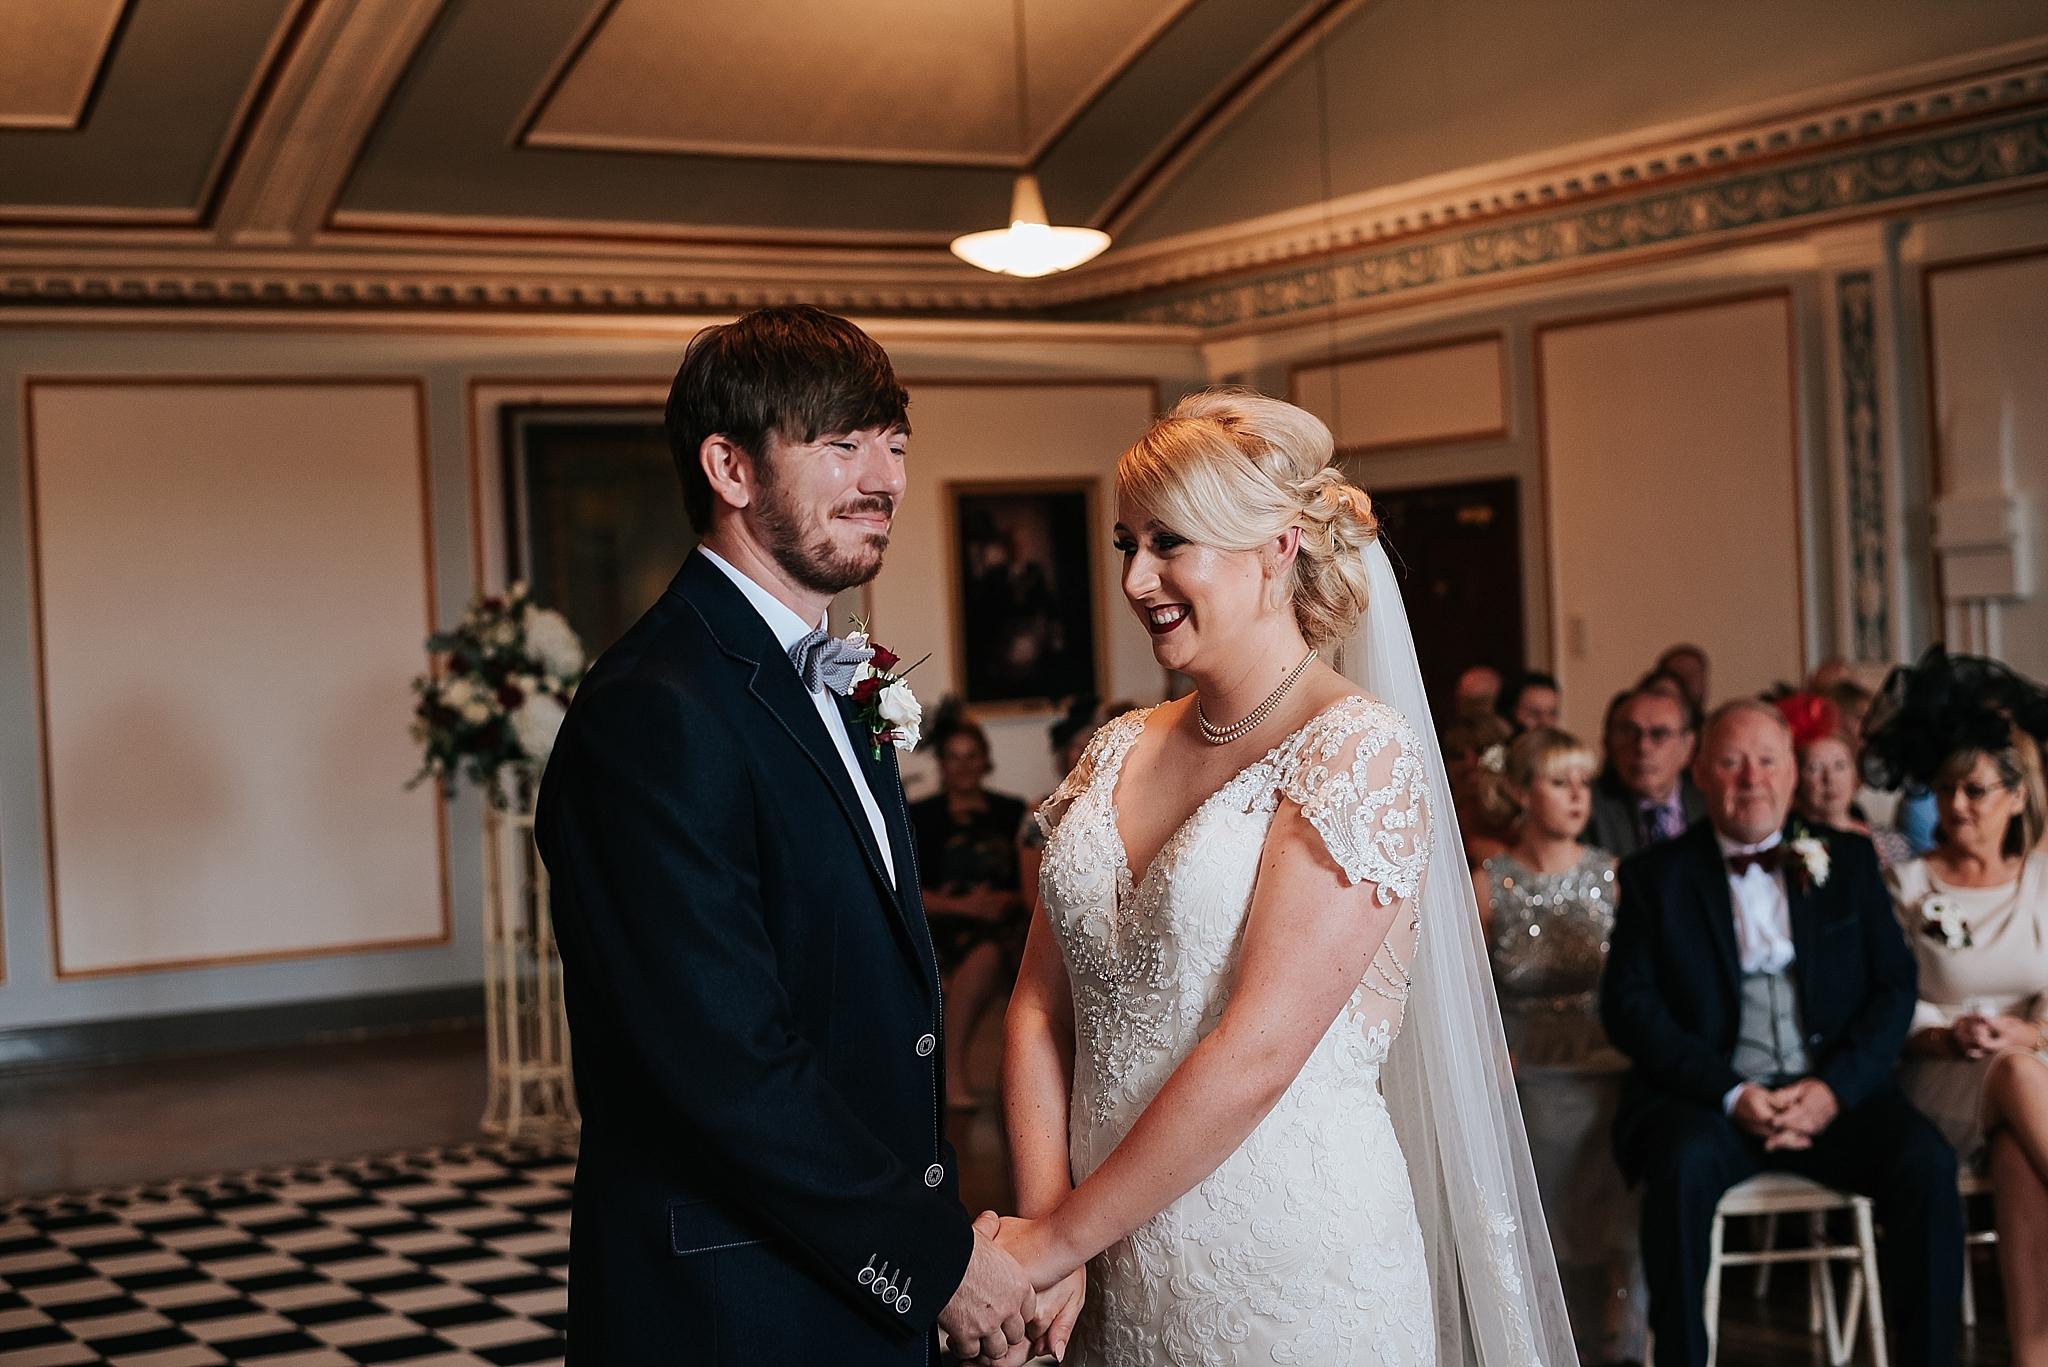 st annes palace wedding venue lancashire